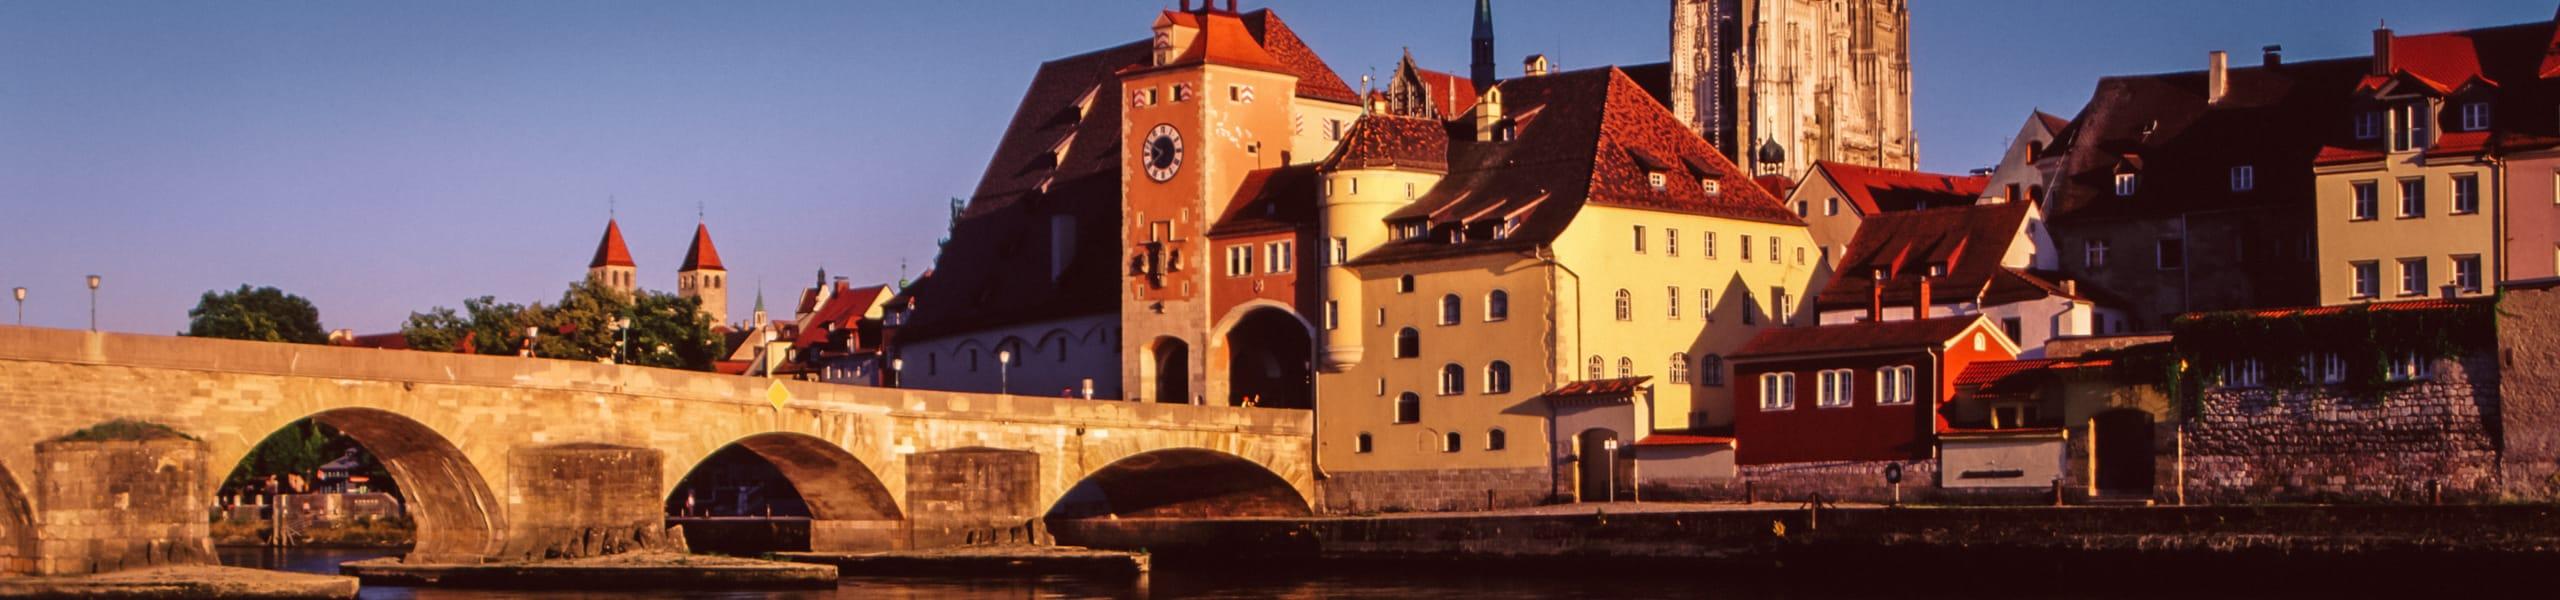 Die Stadt Regensburg hat zahlreiche Facetten und Geheimnisse. Teste dein Wissen über die Hauptstadt der Oberpfalz in unserem Quiz.